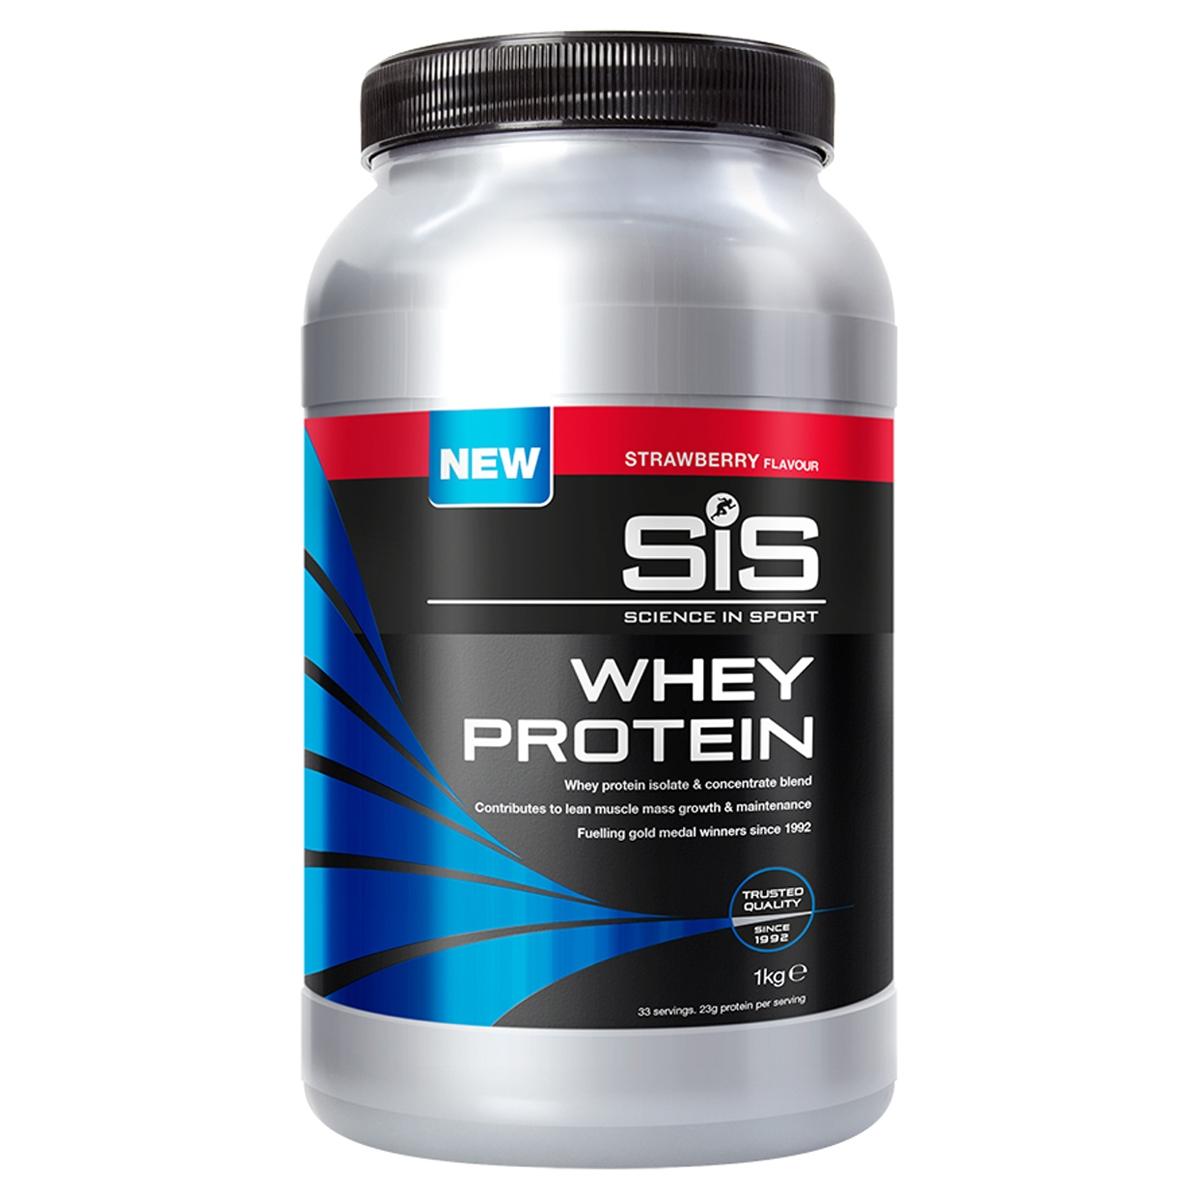 Whey Protein Powder Strawberry Flavor 1kg